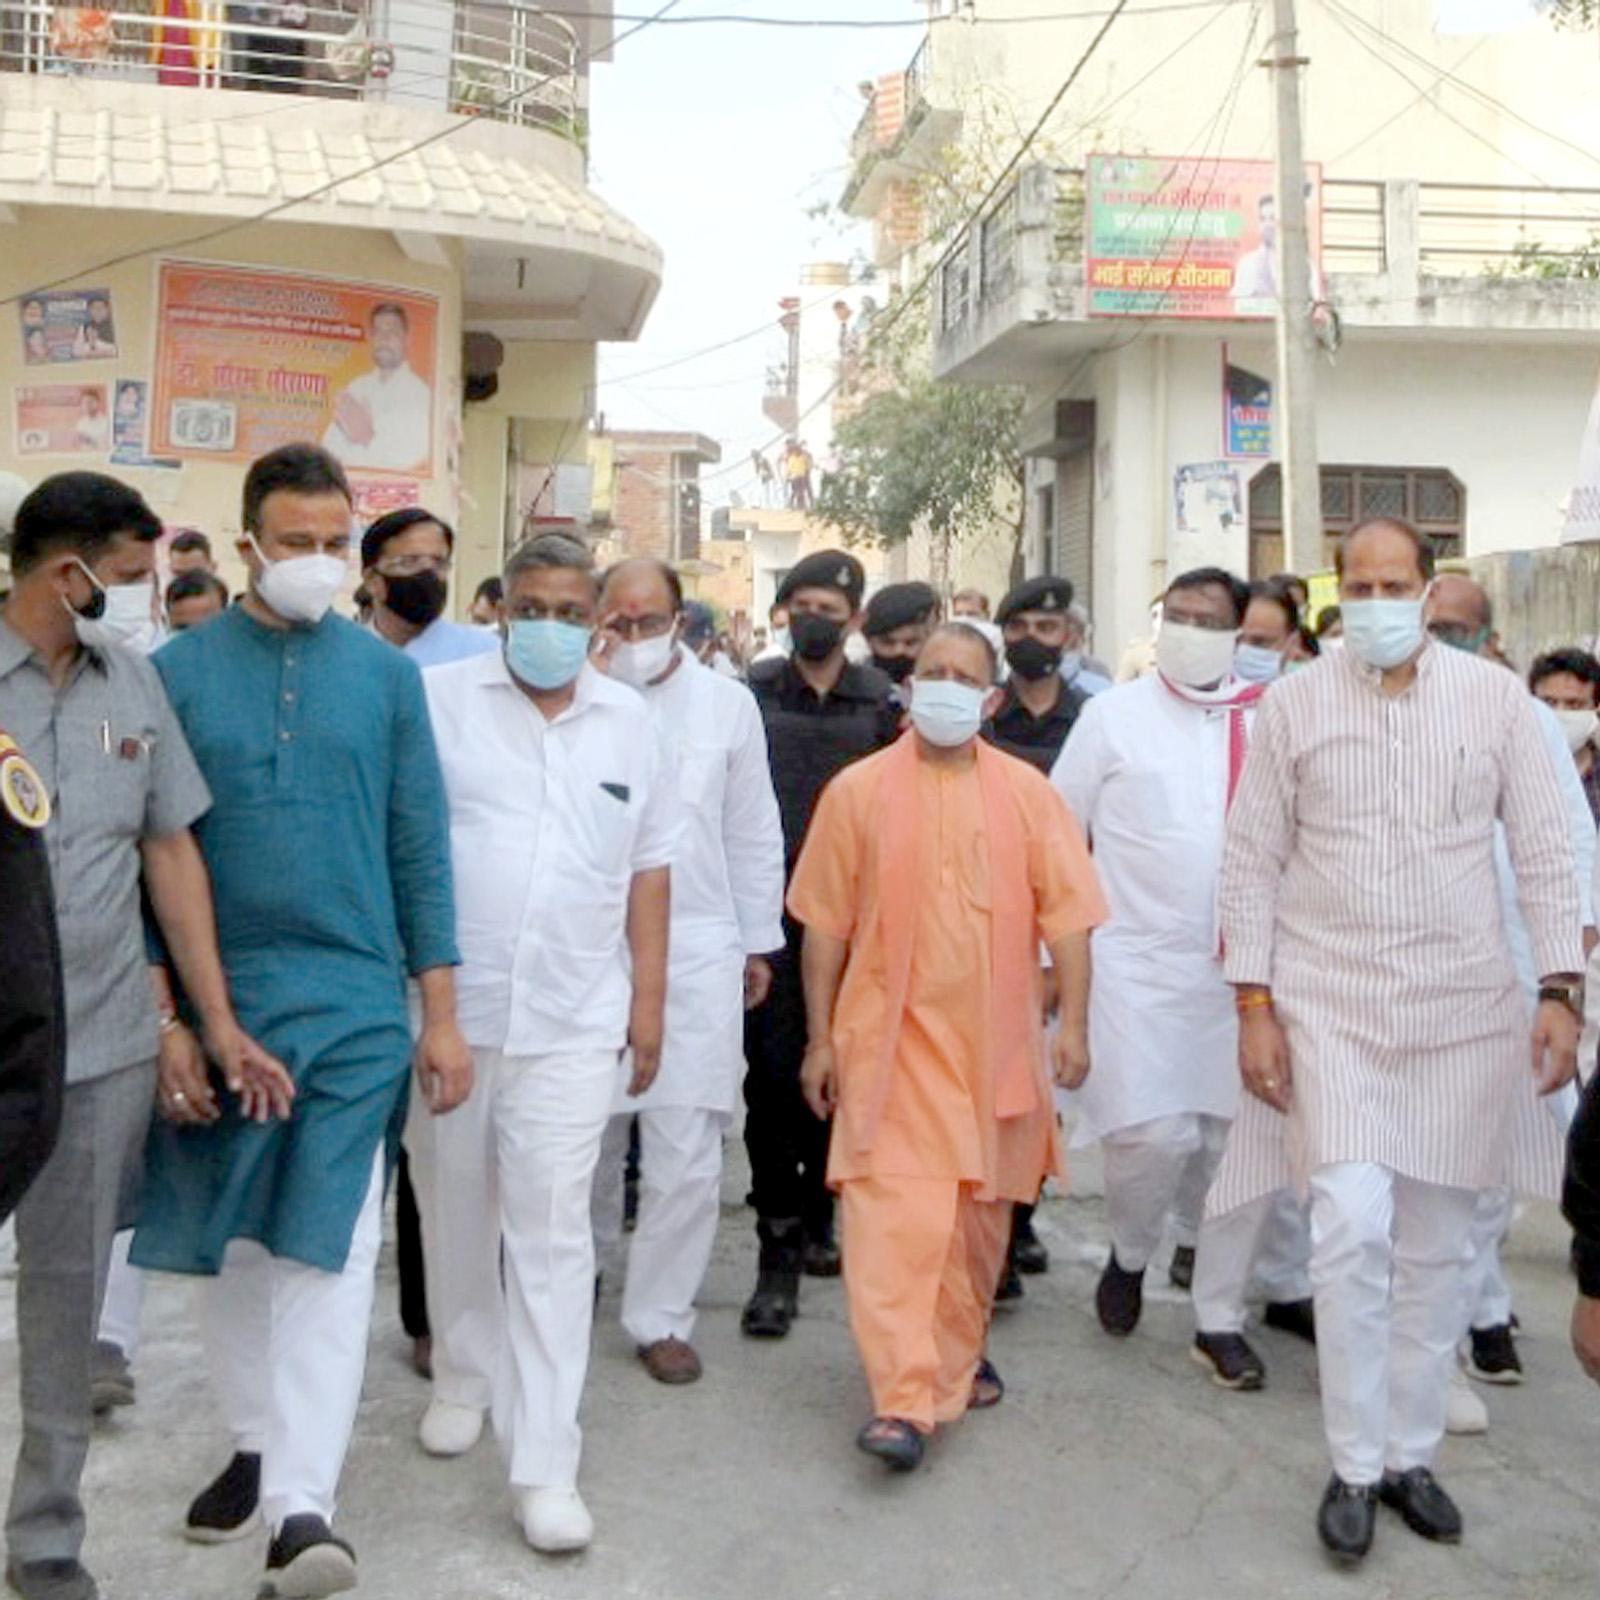 मुख्यमंत्री ने सहारनपुर मण्डल में कोरोना संक्रमण से बचाव और उपचार के लिए किए जा रहे कार्यों की समीक्षा की